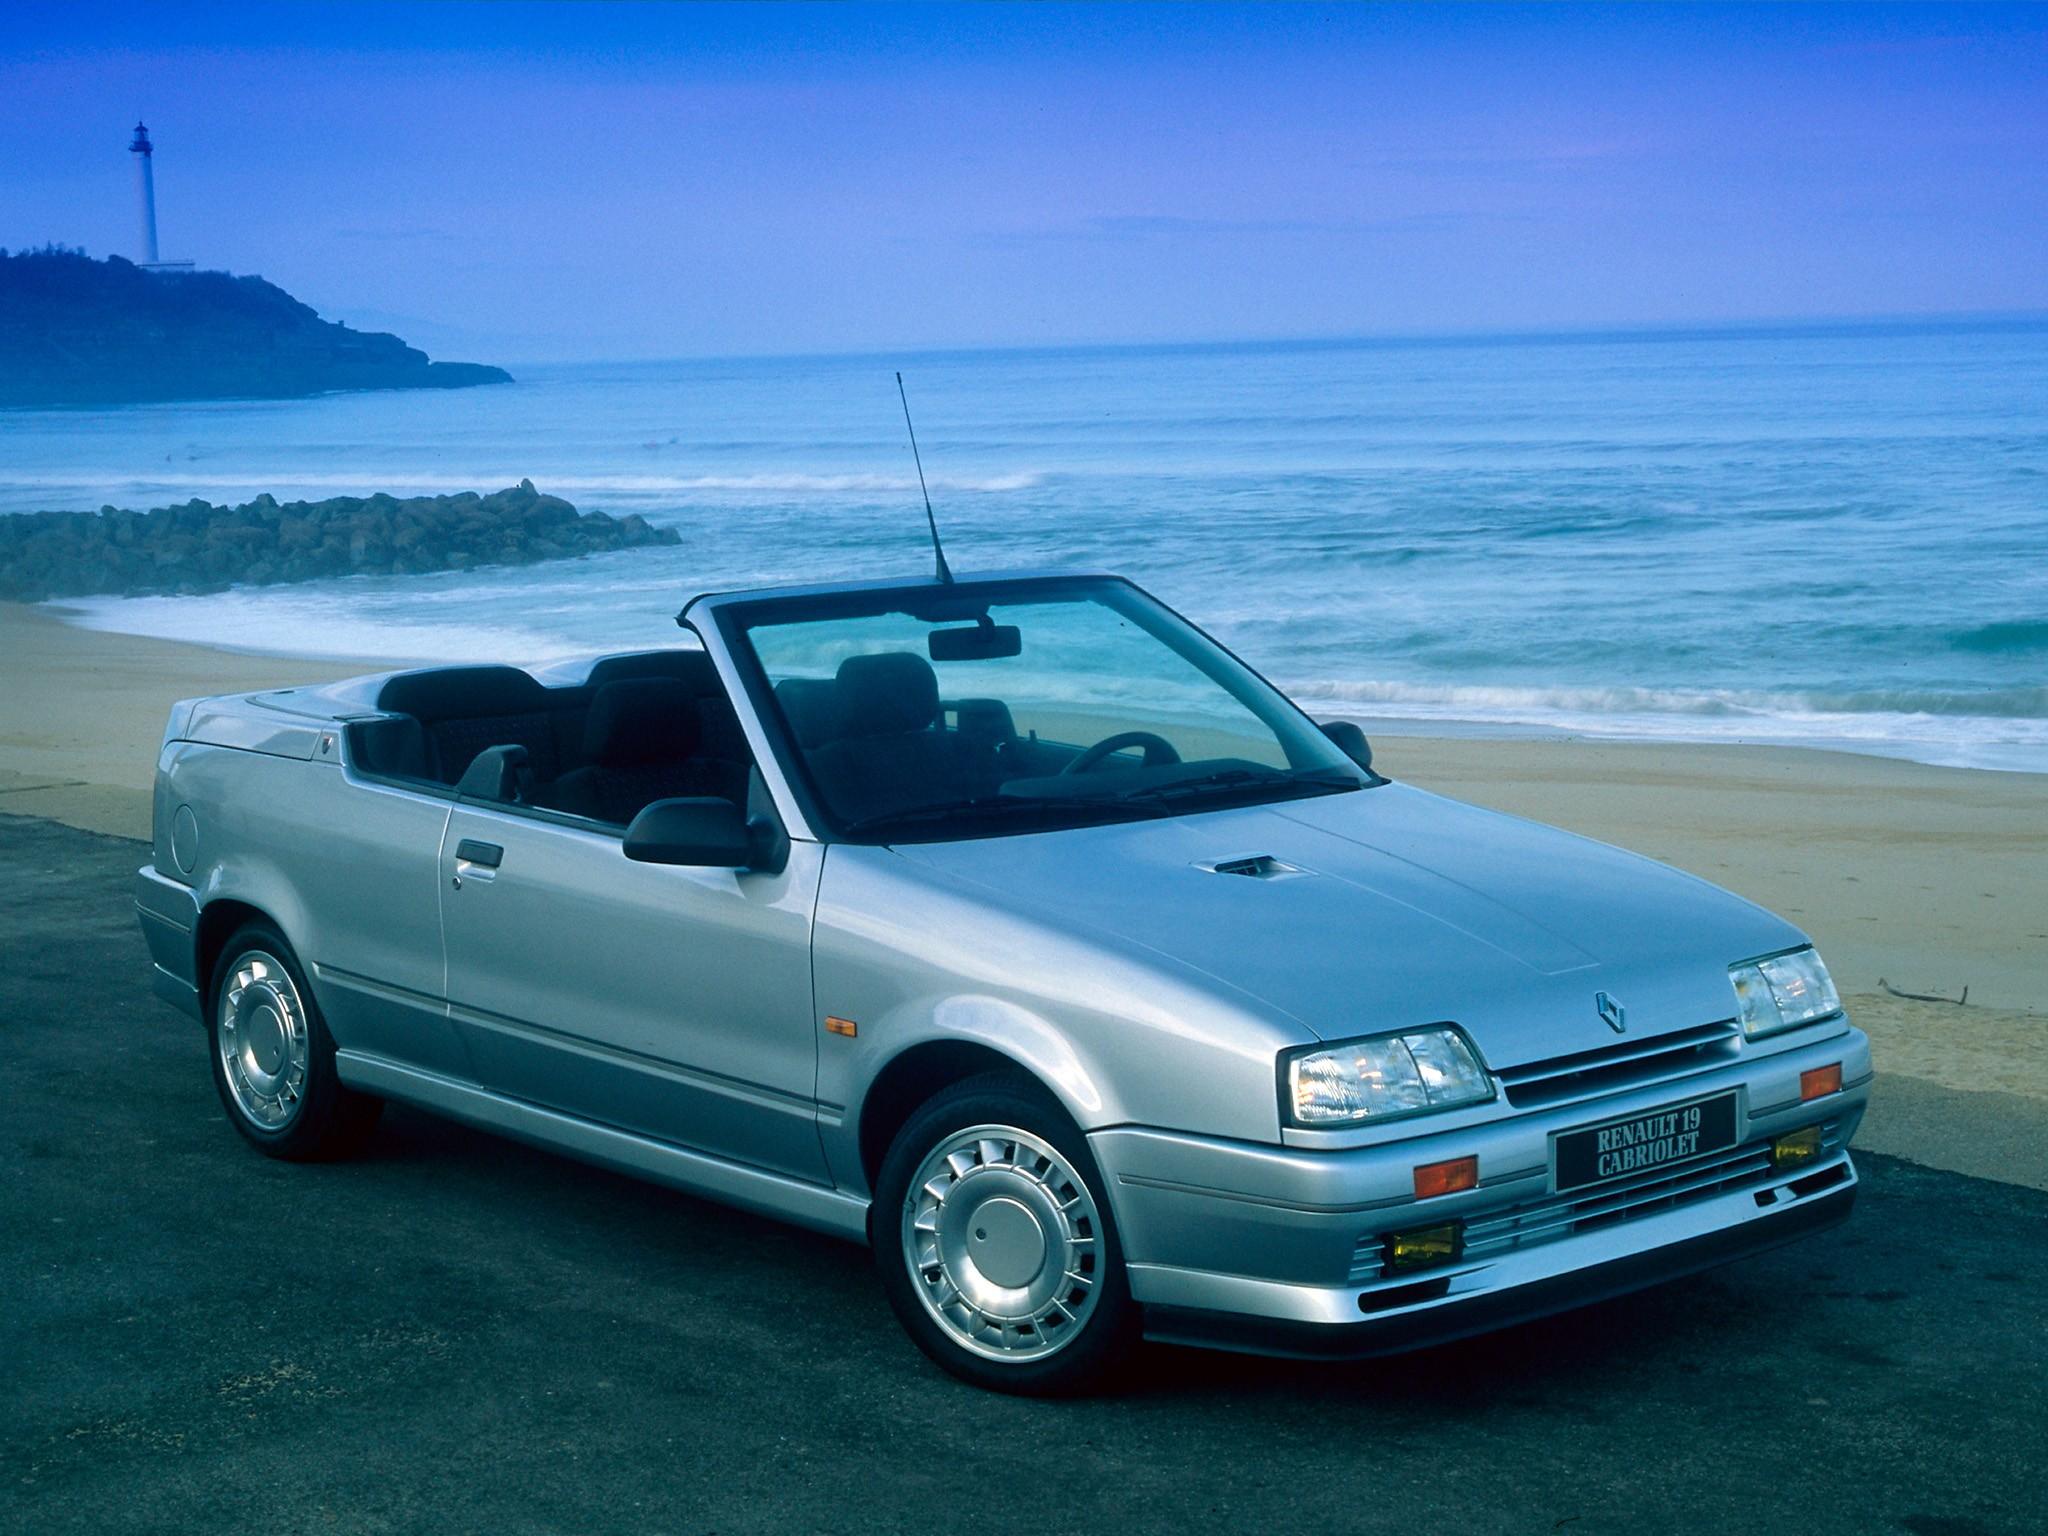 Acura Of Reno >> RENAULT 19 Cabrio specs - 1992, 1993, 1994, 1995, 1996 - autoevolution